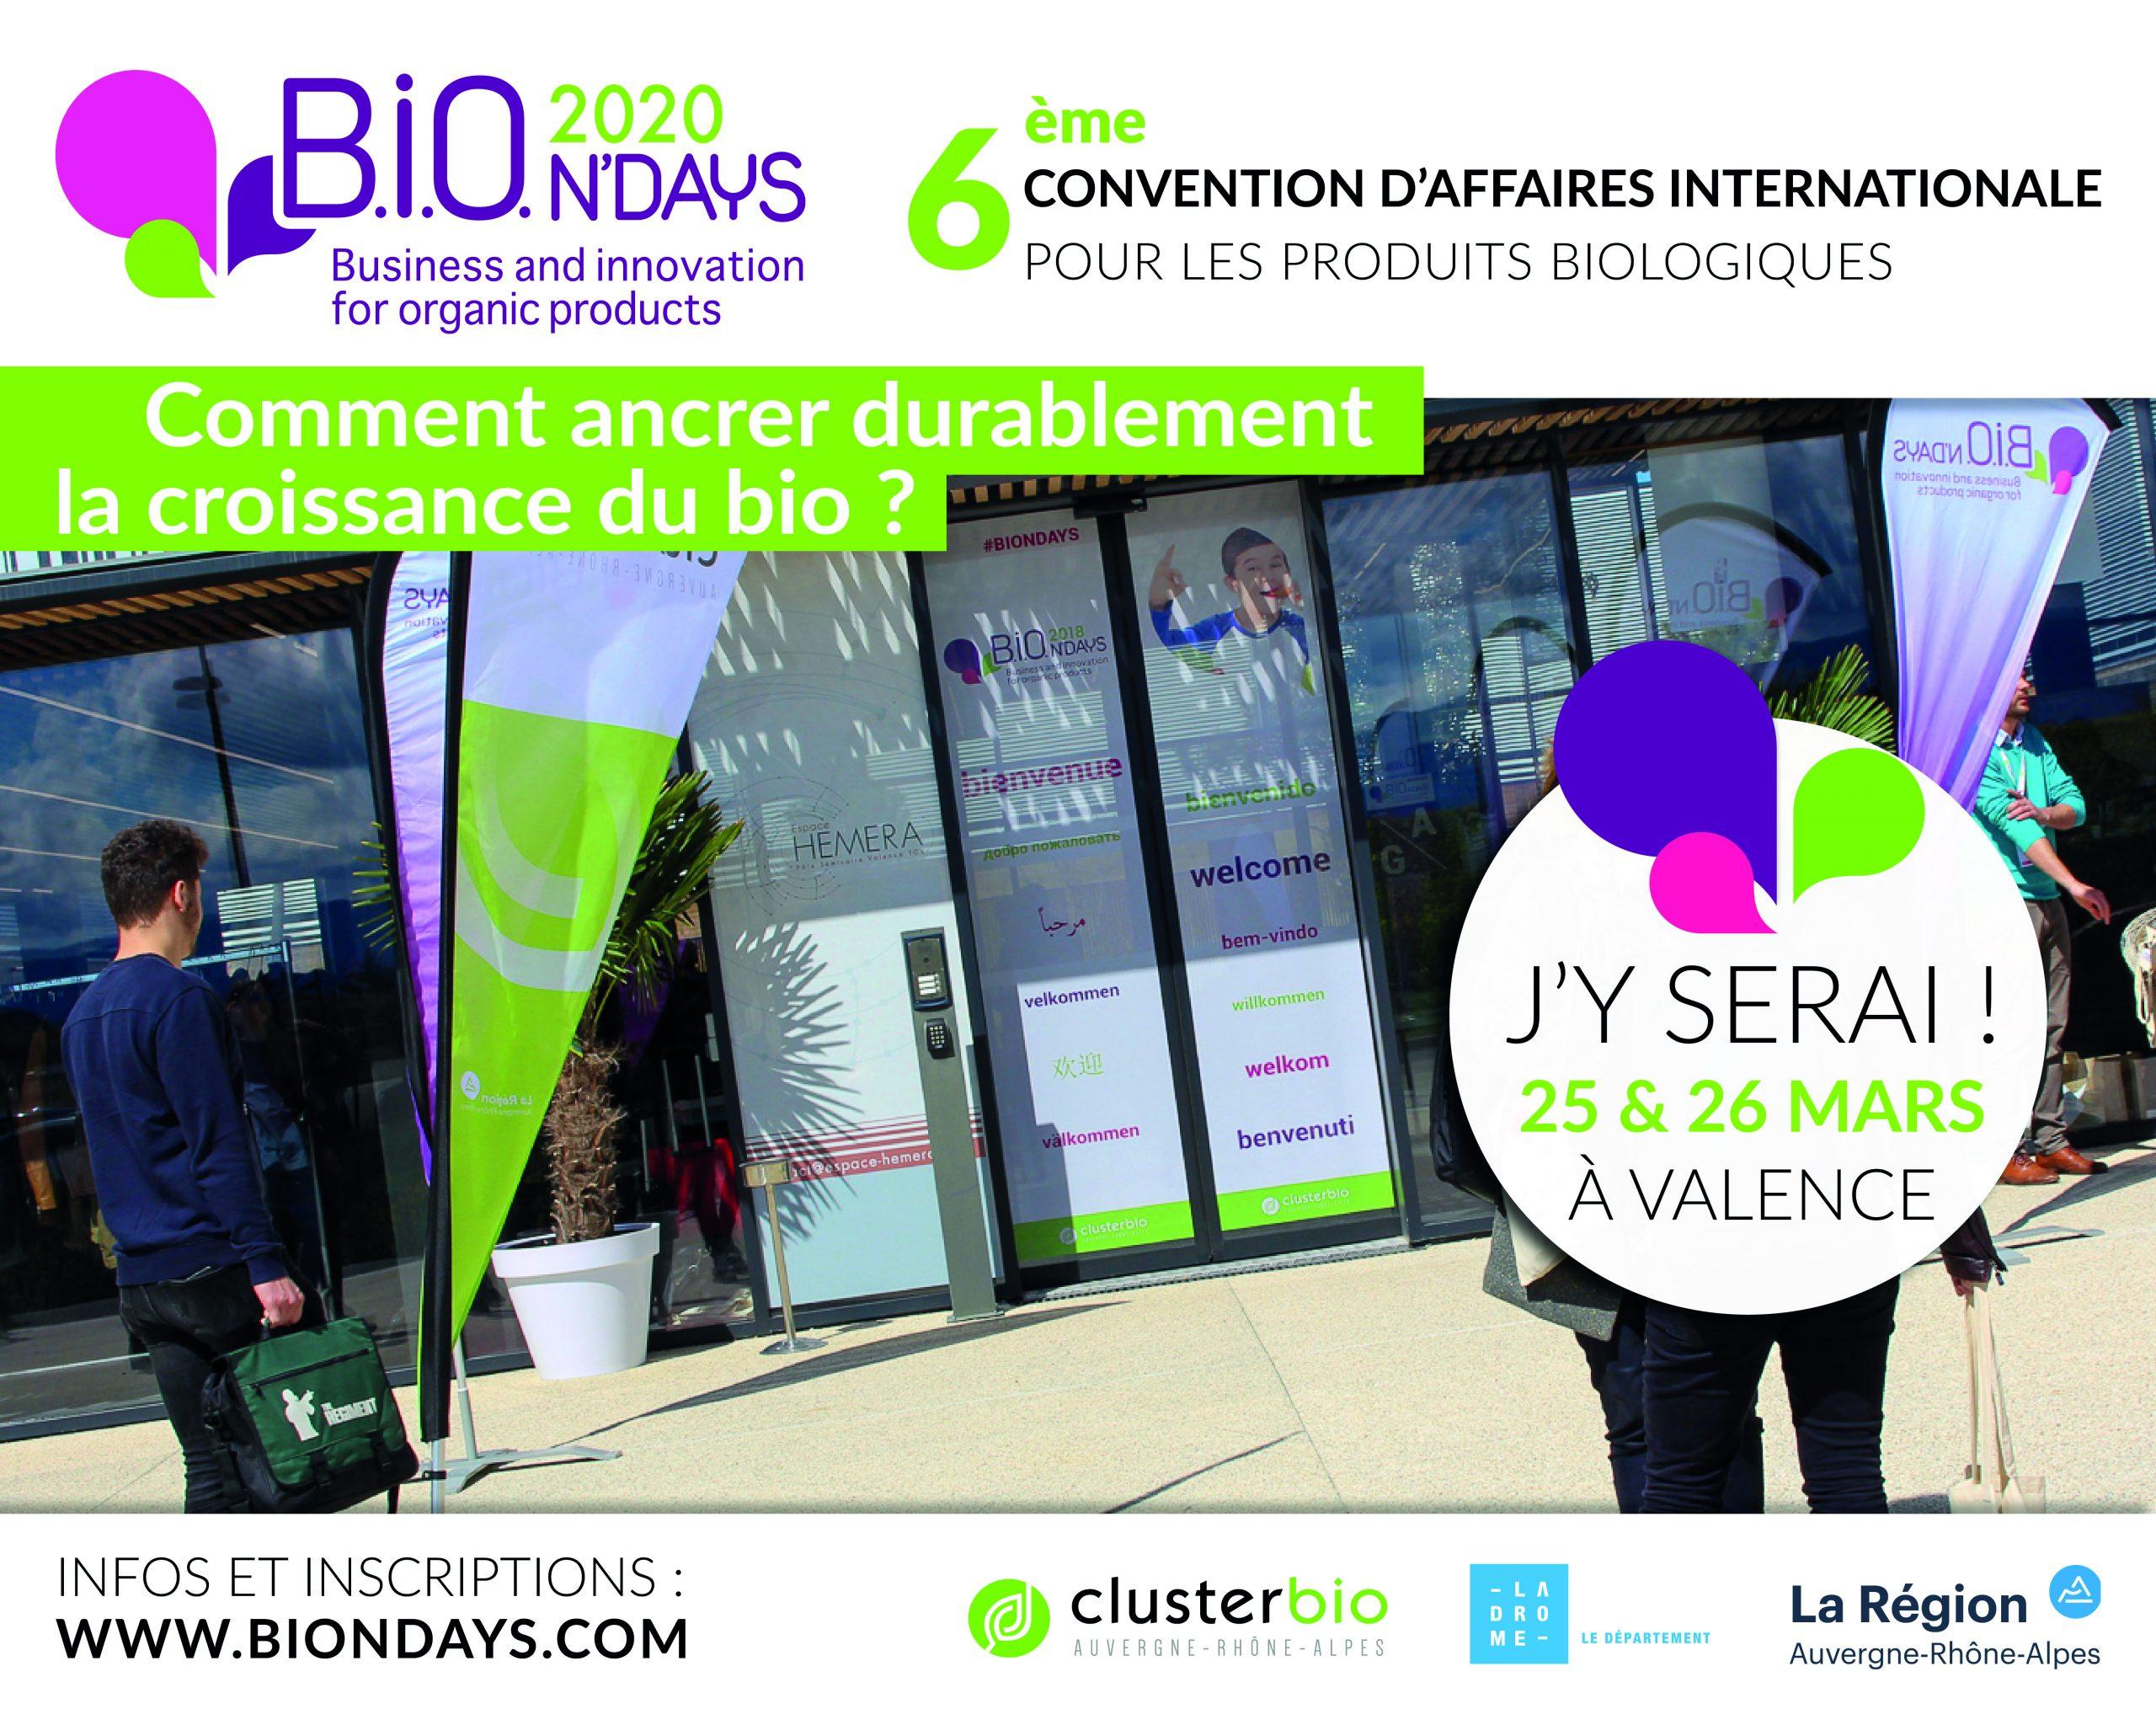 BIONDAYS 2020 Jyserai scaled - 6ème édition des B.i.O.N'Days : comment ancrer durablement la croissance du BIO